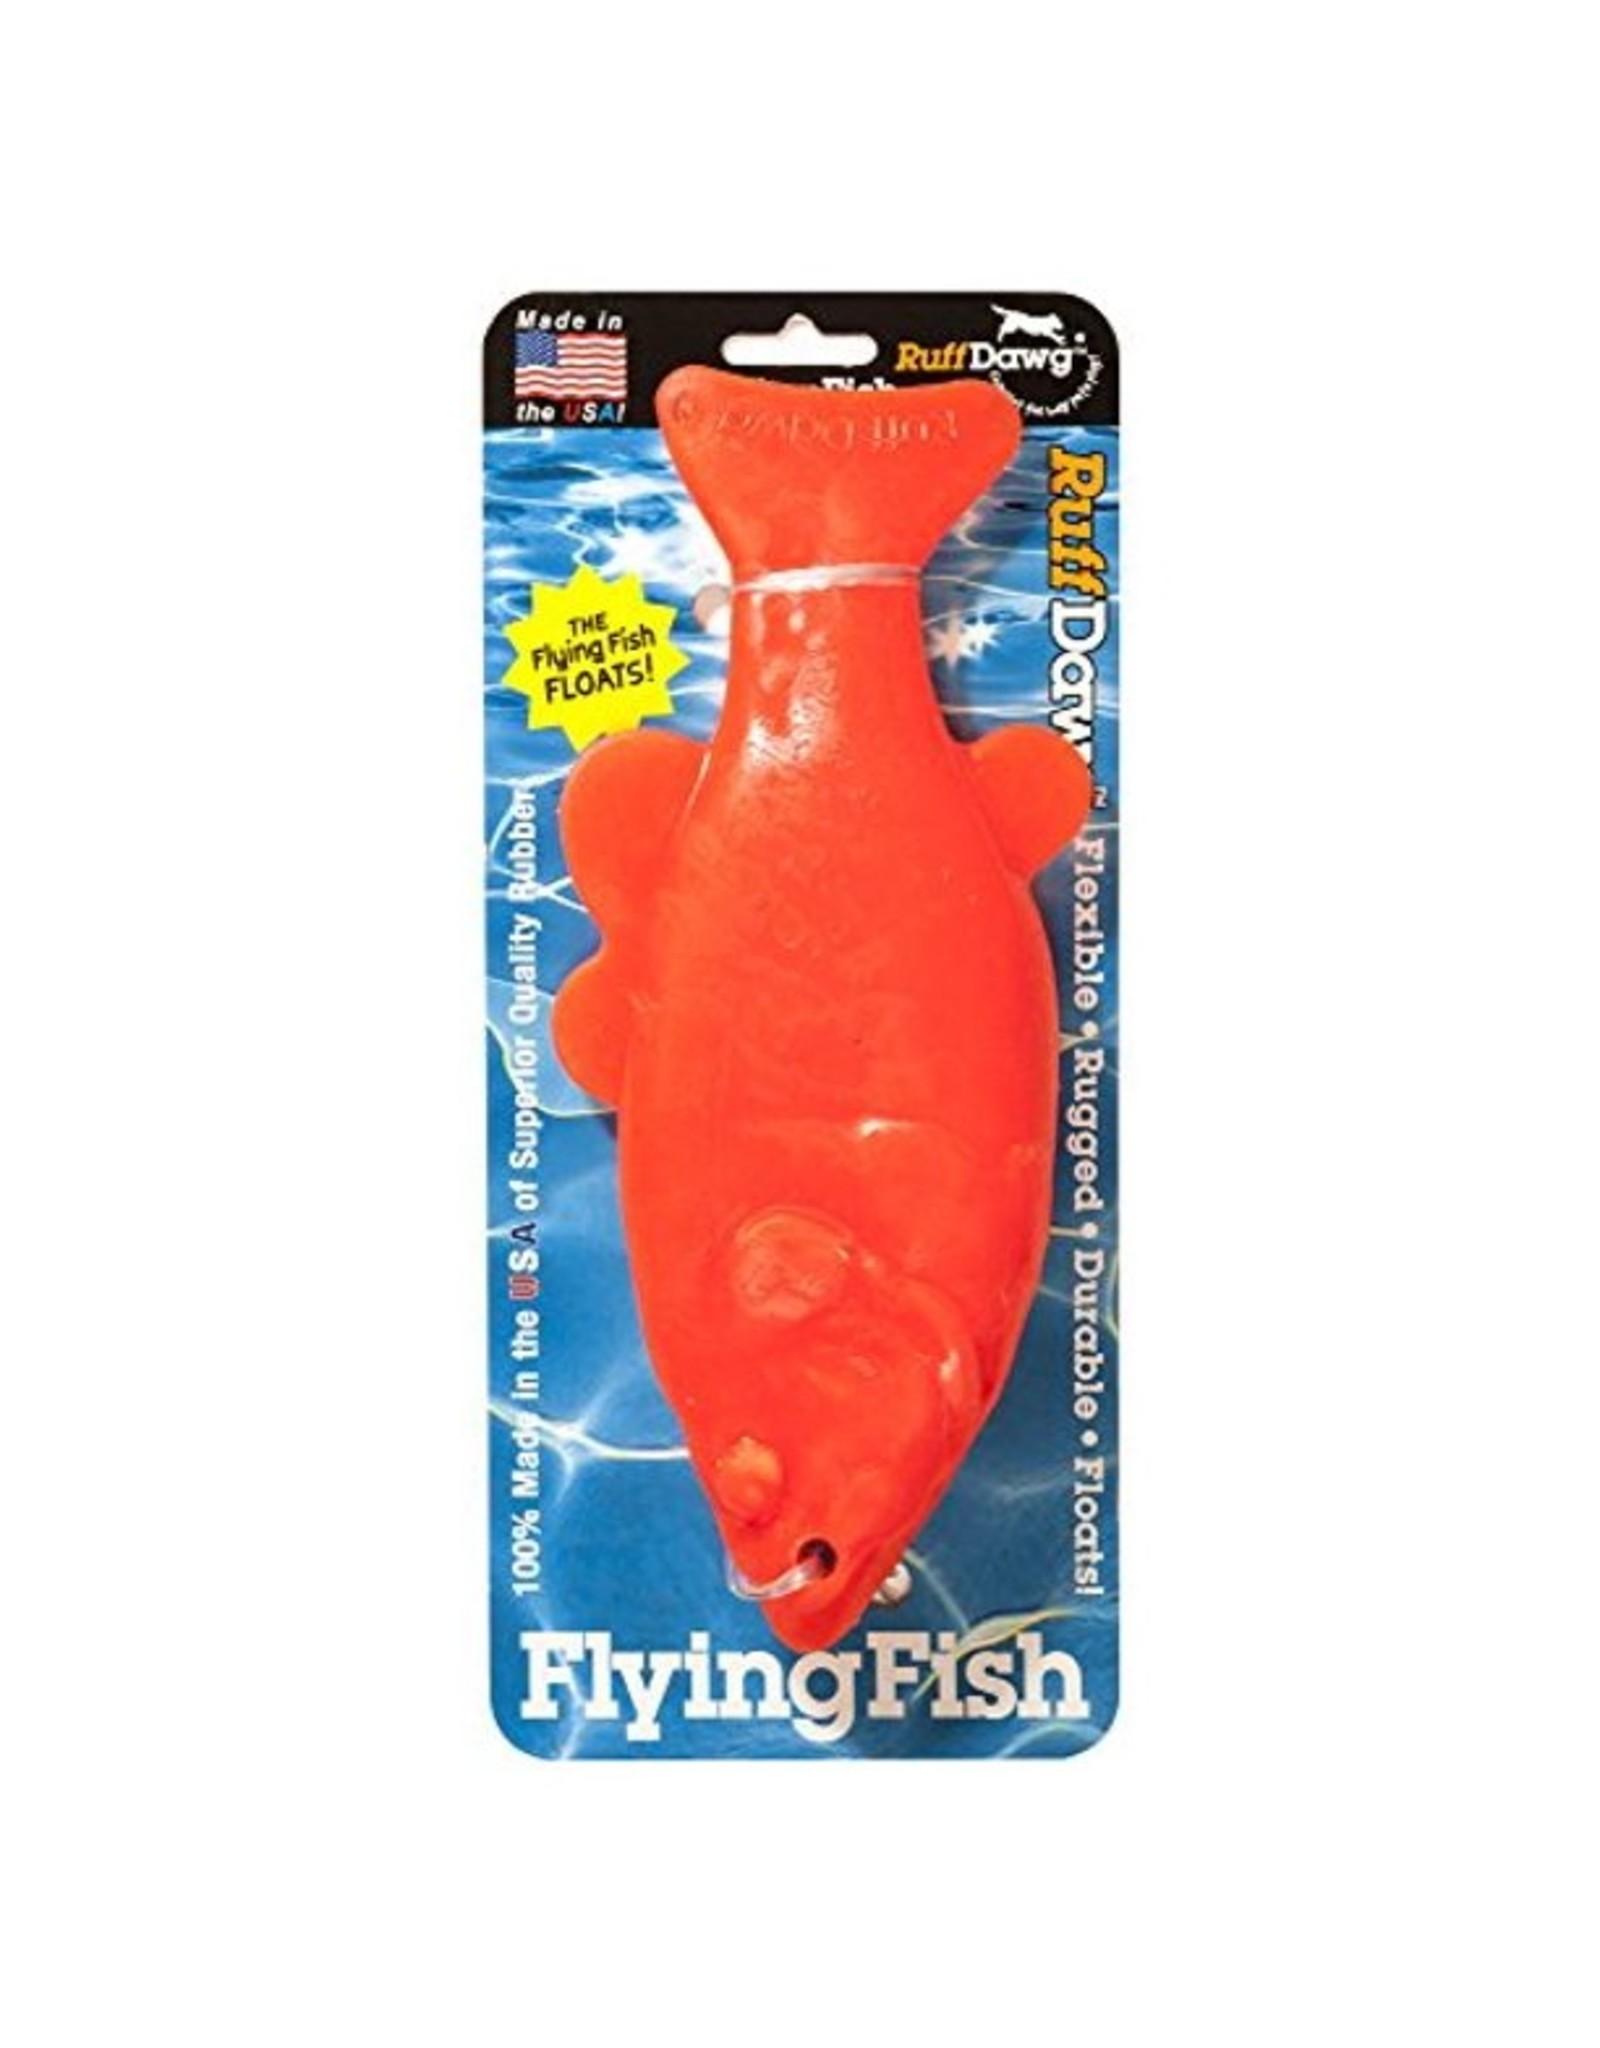 Ruff Dawg Ruff Dawg Flying Fish Rubber Fetch Dog Toy